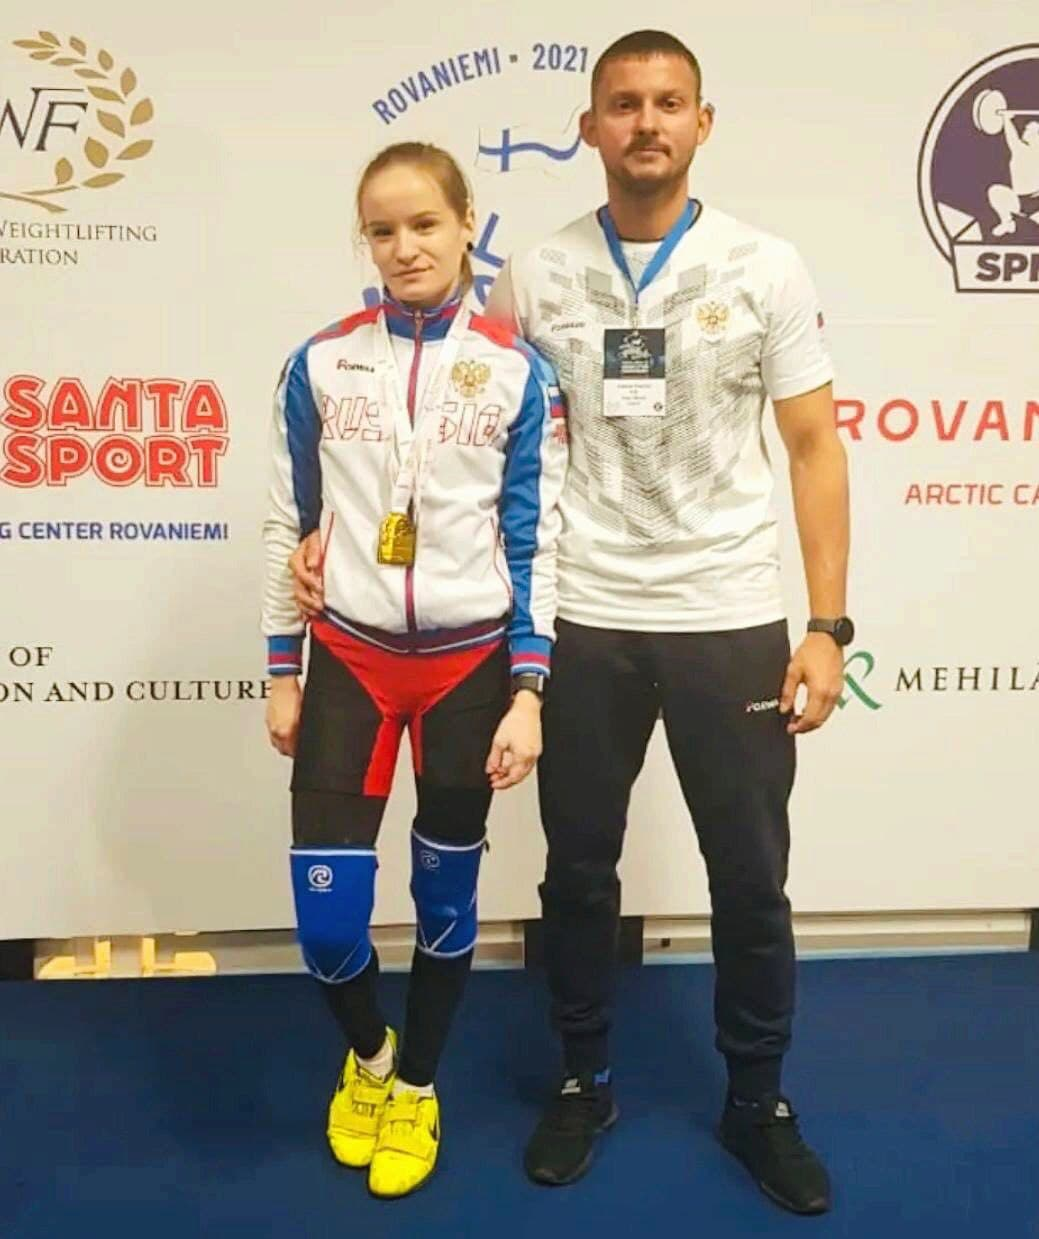 Представительница Подмосковья завоевала 3 награды первенства Европы по тяжелой атлетике